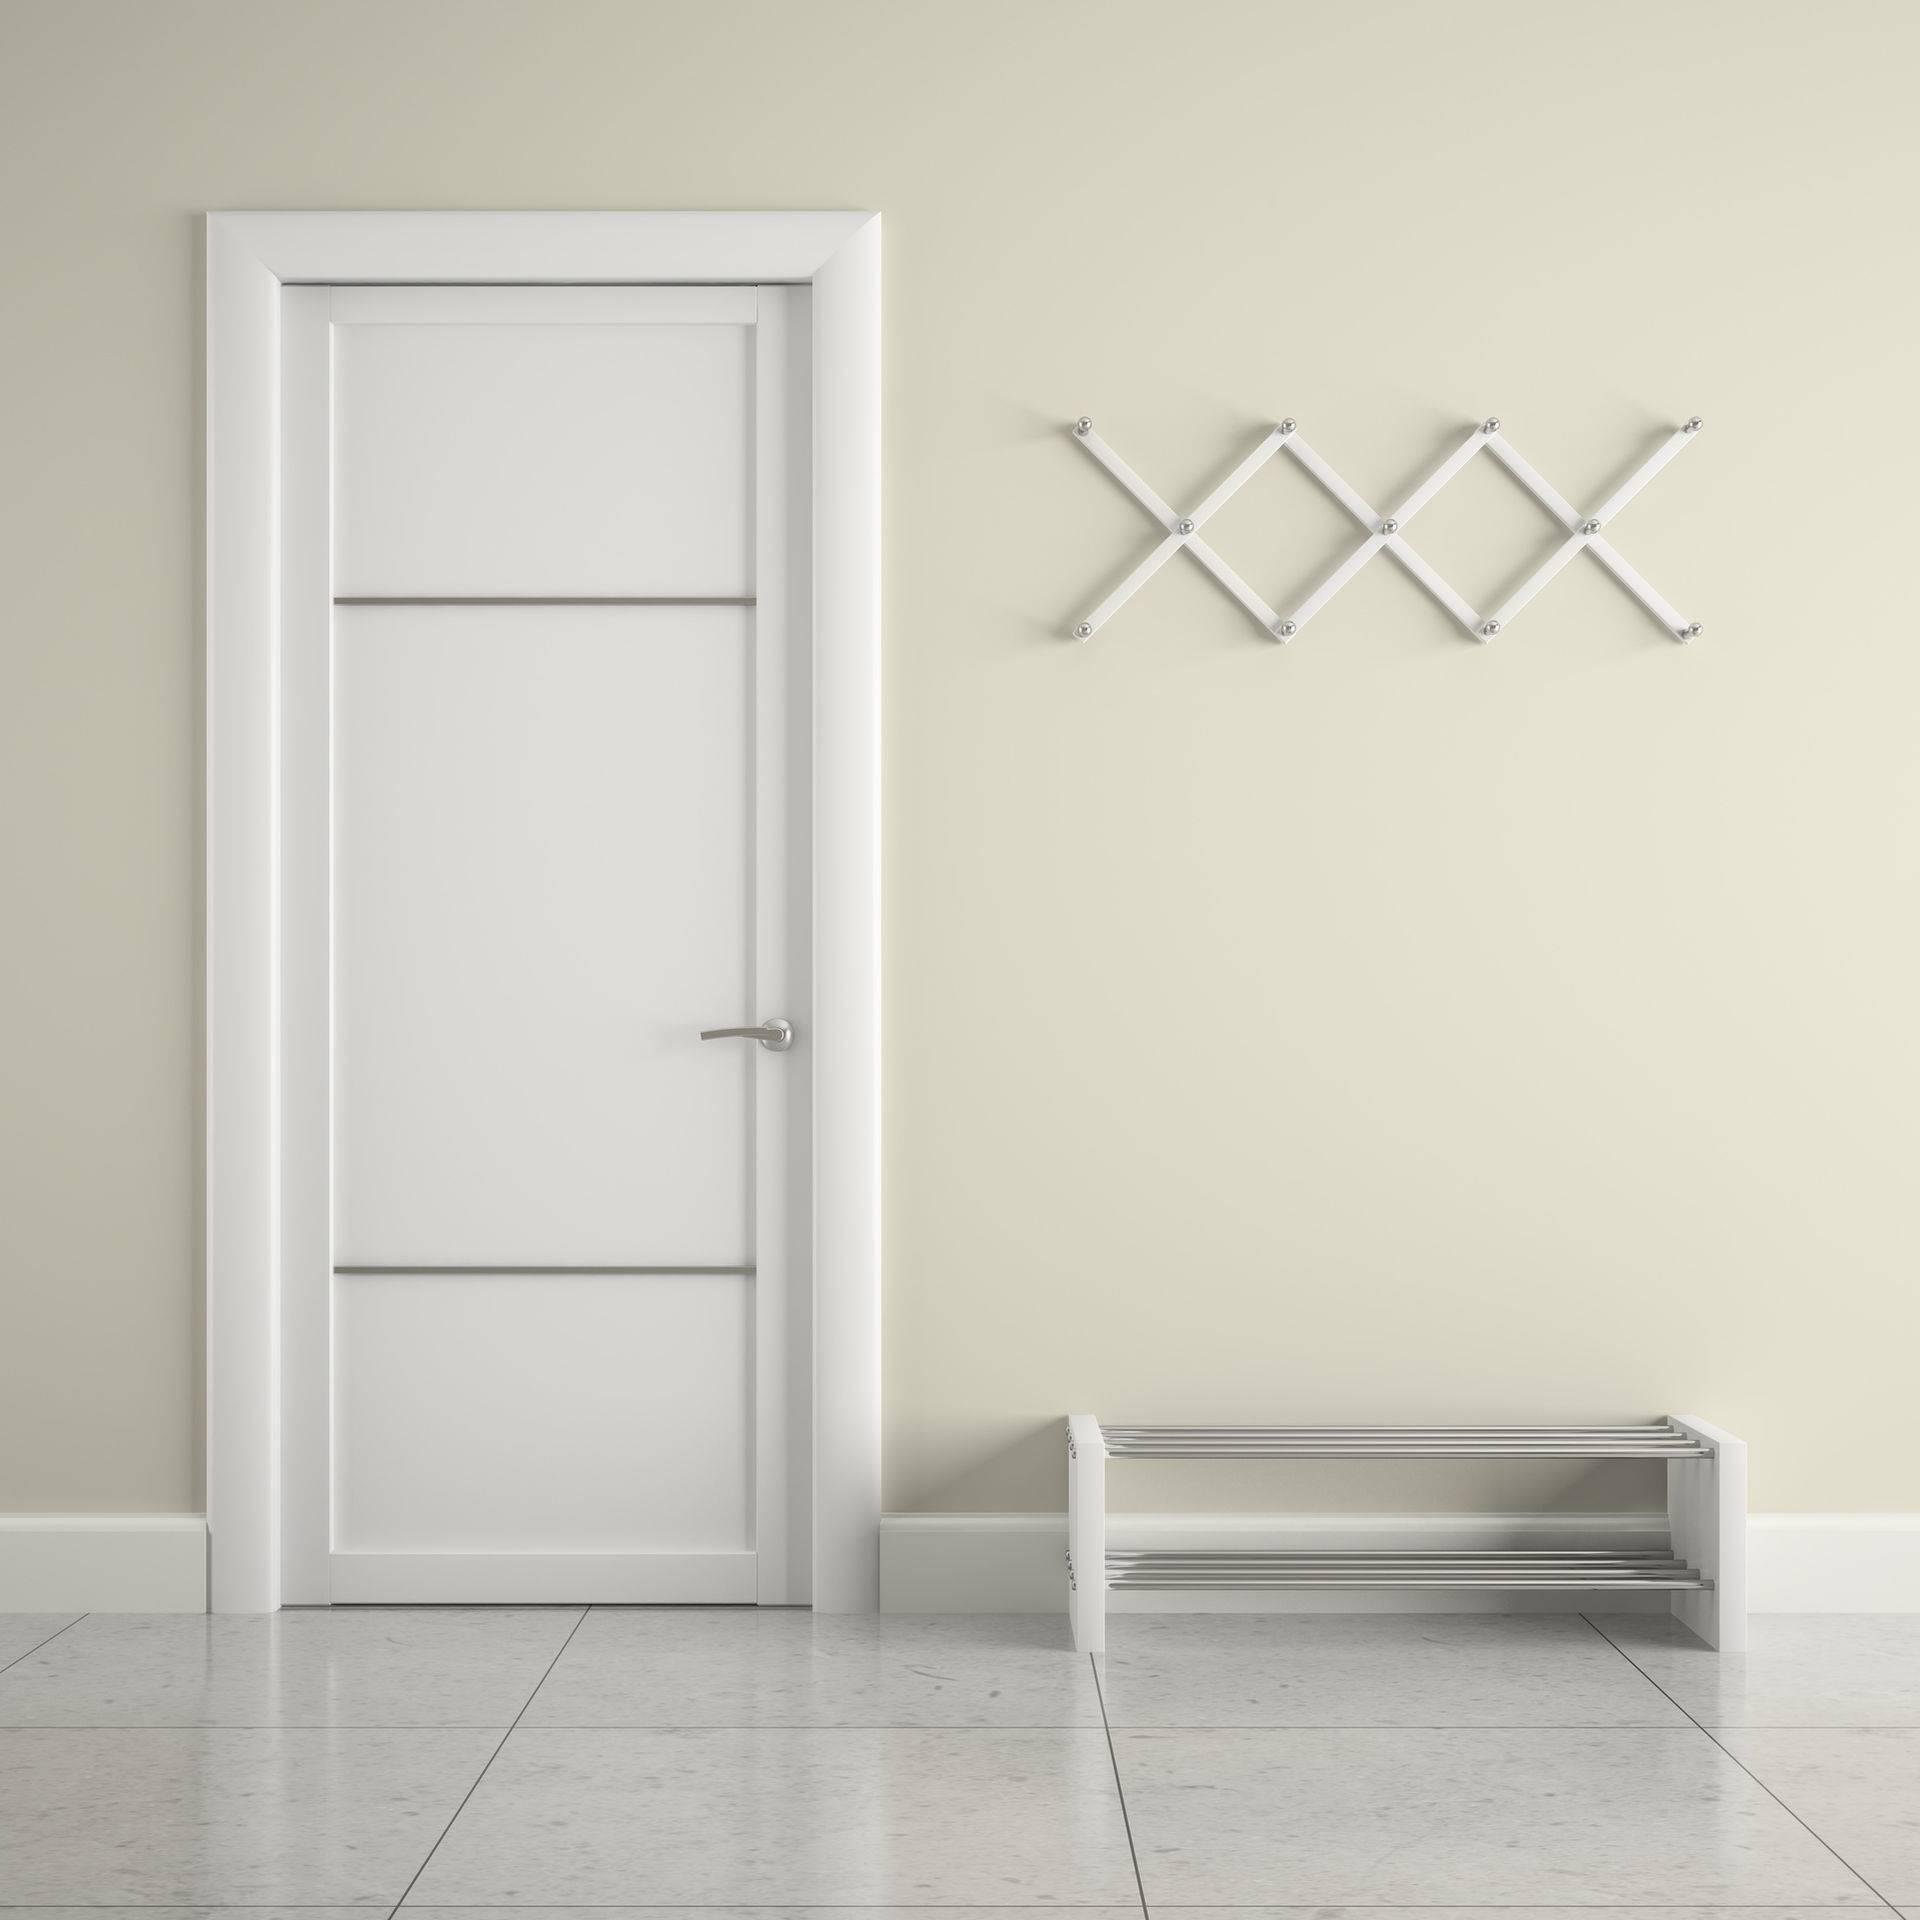 Рекомендации, как правильно подбирать цвет межкомнатных дверей для любого стиля помещения